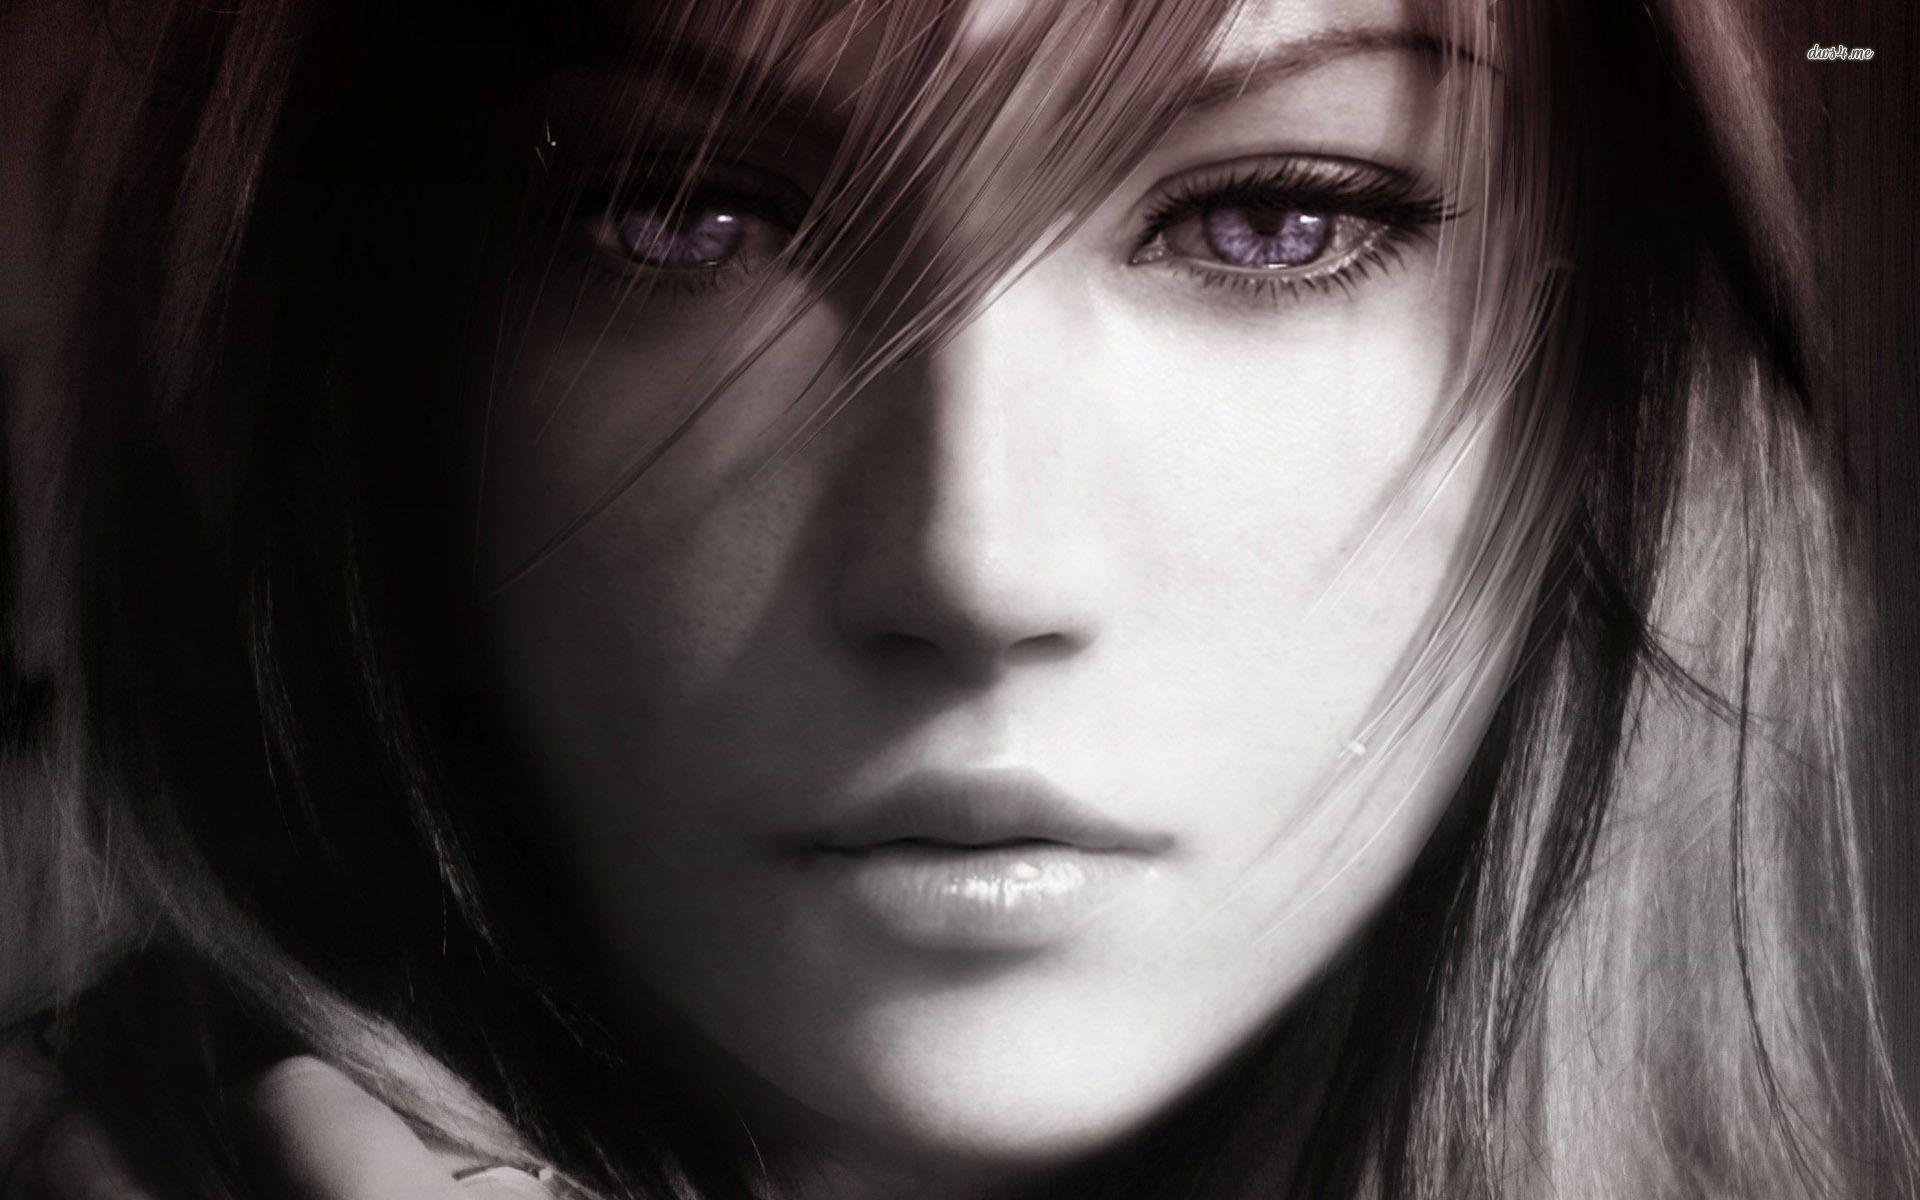 She Has Long Hair Art Numerique Xiv Finale Fantastique Image Fantastique